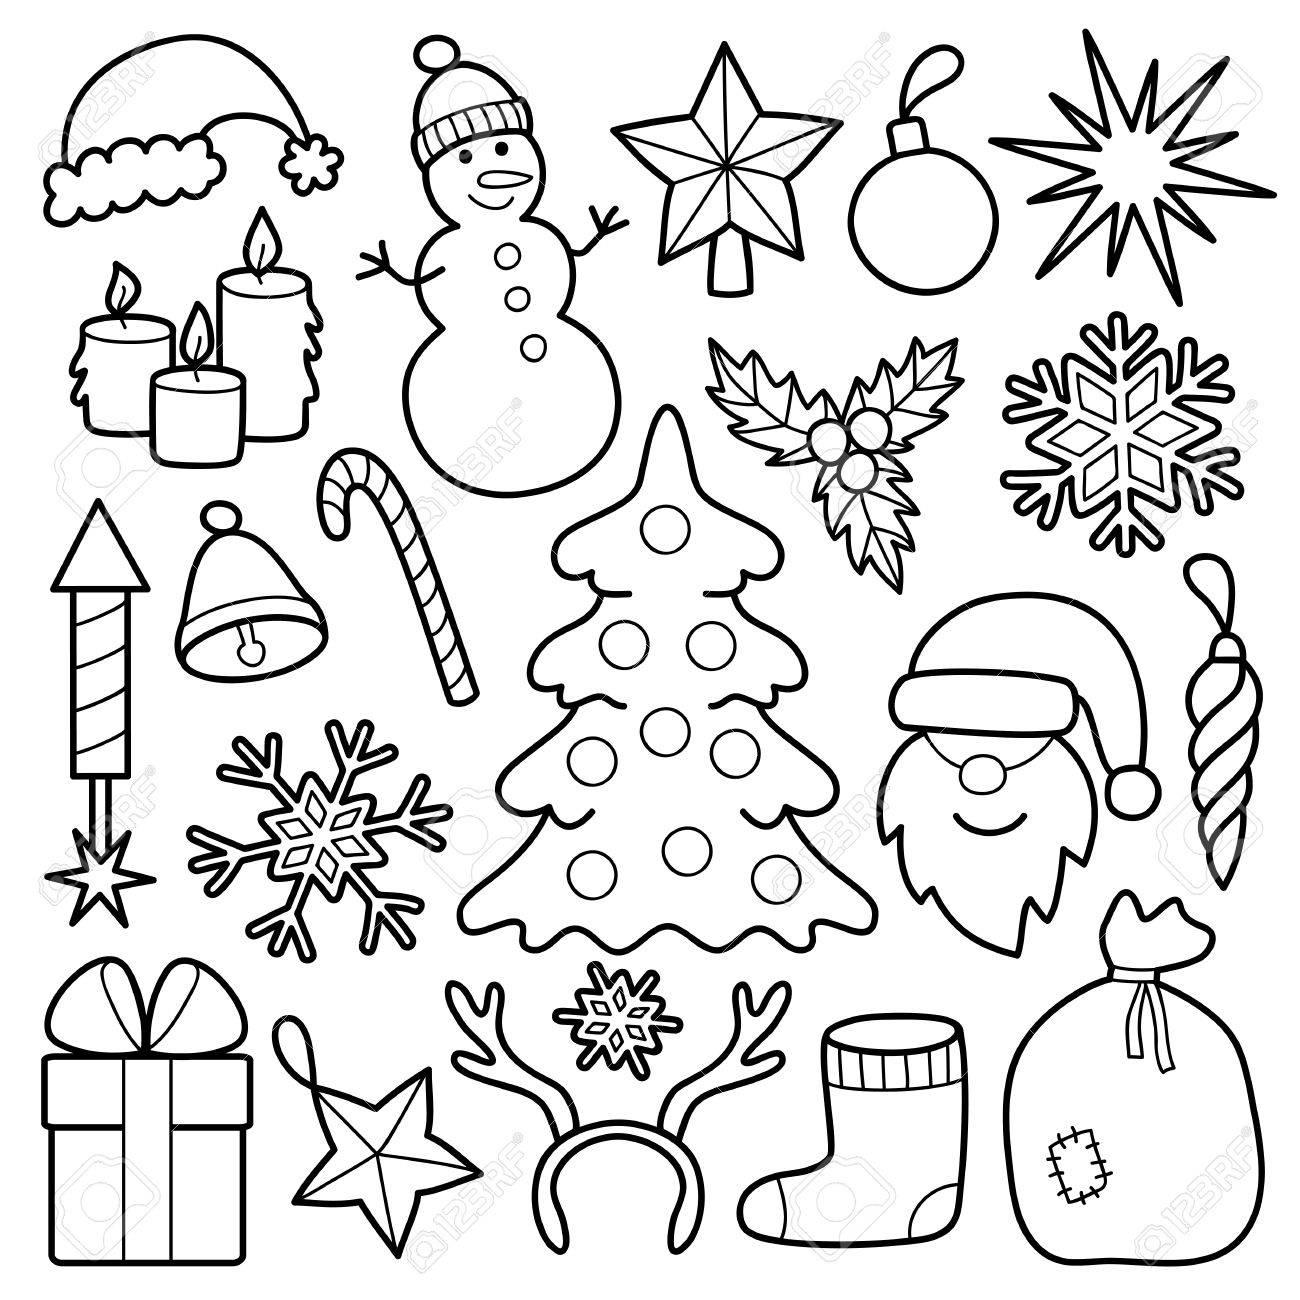 Navidad Conjunto De Parches Pines Distintivos Establecidos Colección De Pegatinas Año Nuevo Apliques De Mezclilla O Ropa Página En Blanco Y